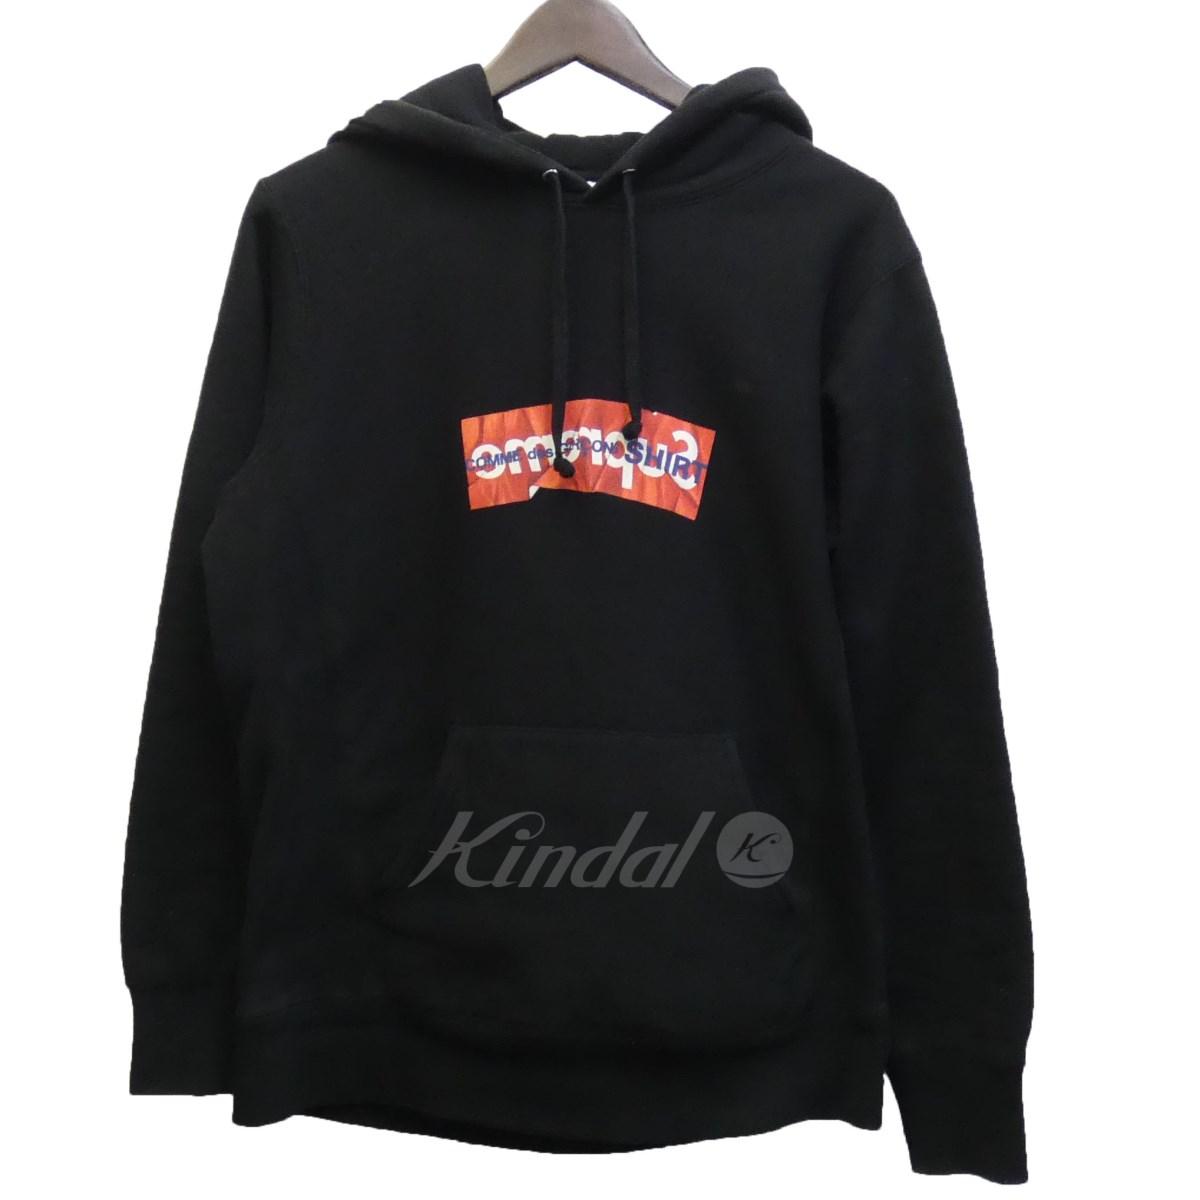 【中古】SUPREME×CdG SHIRT 17SS 「Box Logo Hooded Sweatshirt」 BOXロゴプルオーバーパーカー ブラック サイズ:S 【送料無料】 【110319】(シュプリーム コムデギャルソンシャツ)